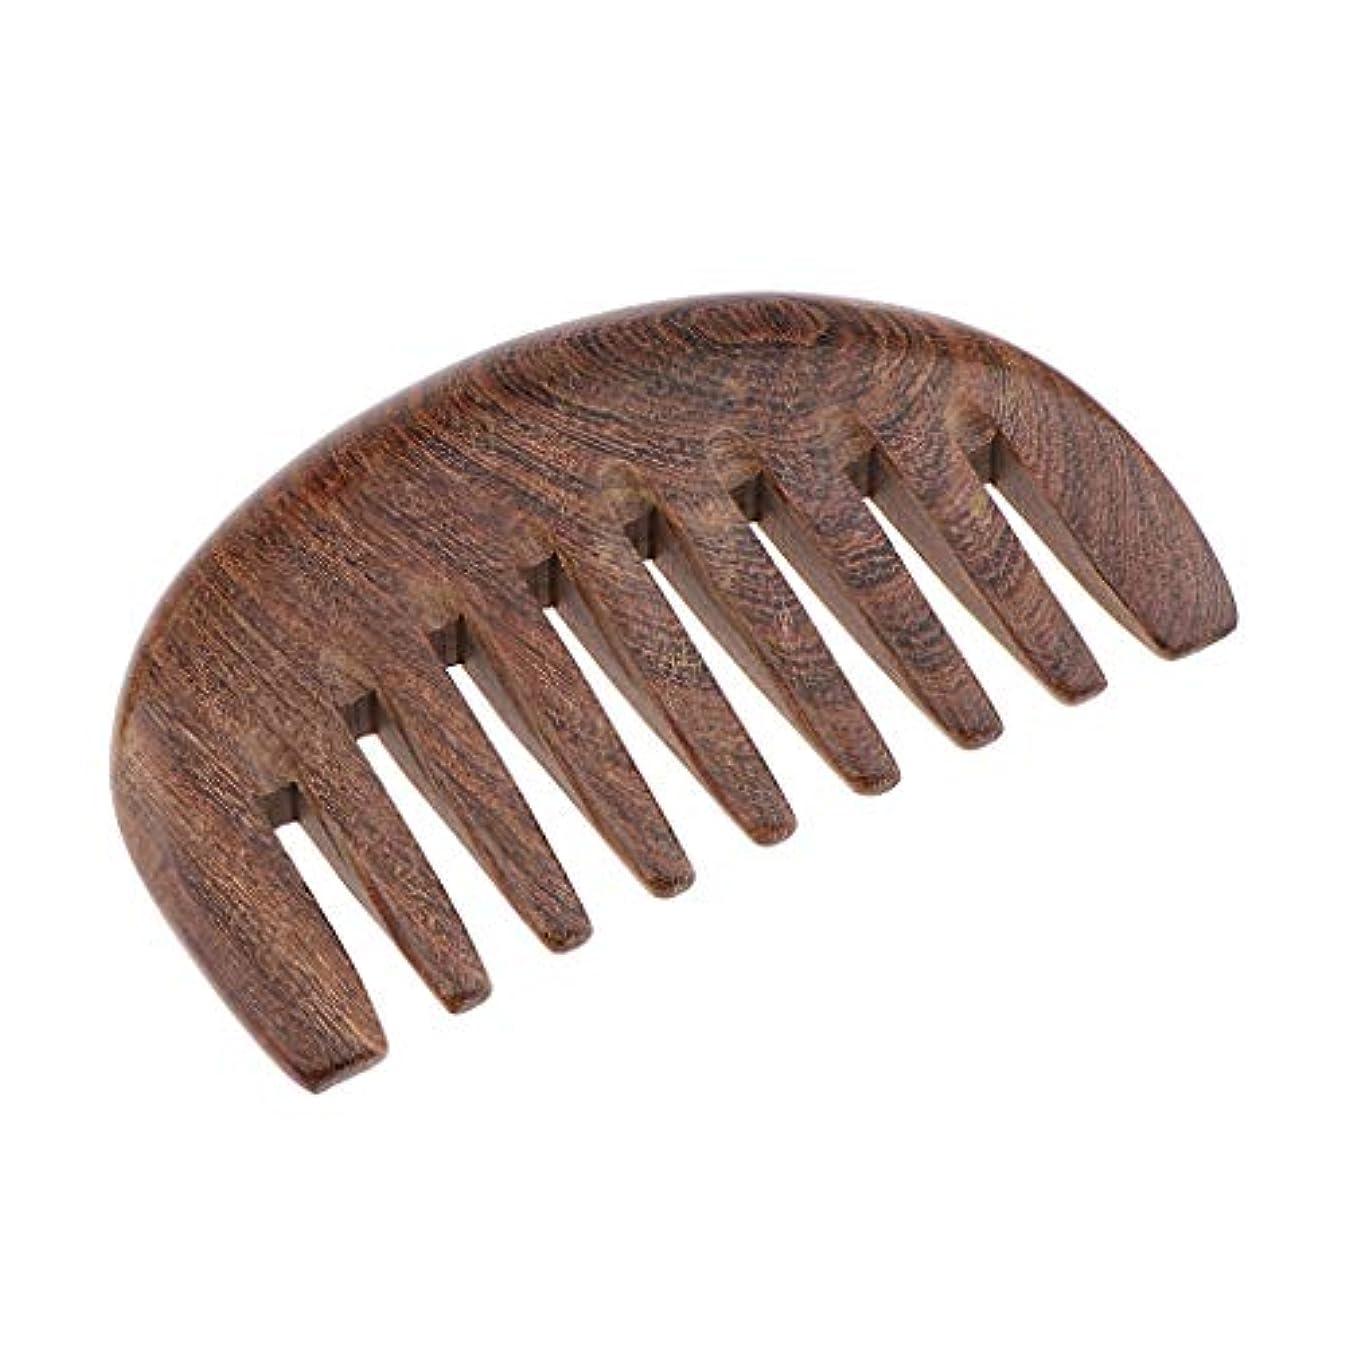 評判麻痺させる幻影木製櫛 ヘアブラシ 帯電防止櫛 人間工学 3色選べ - クロロフォラ